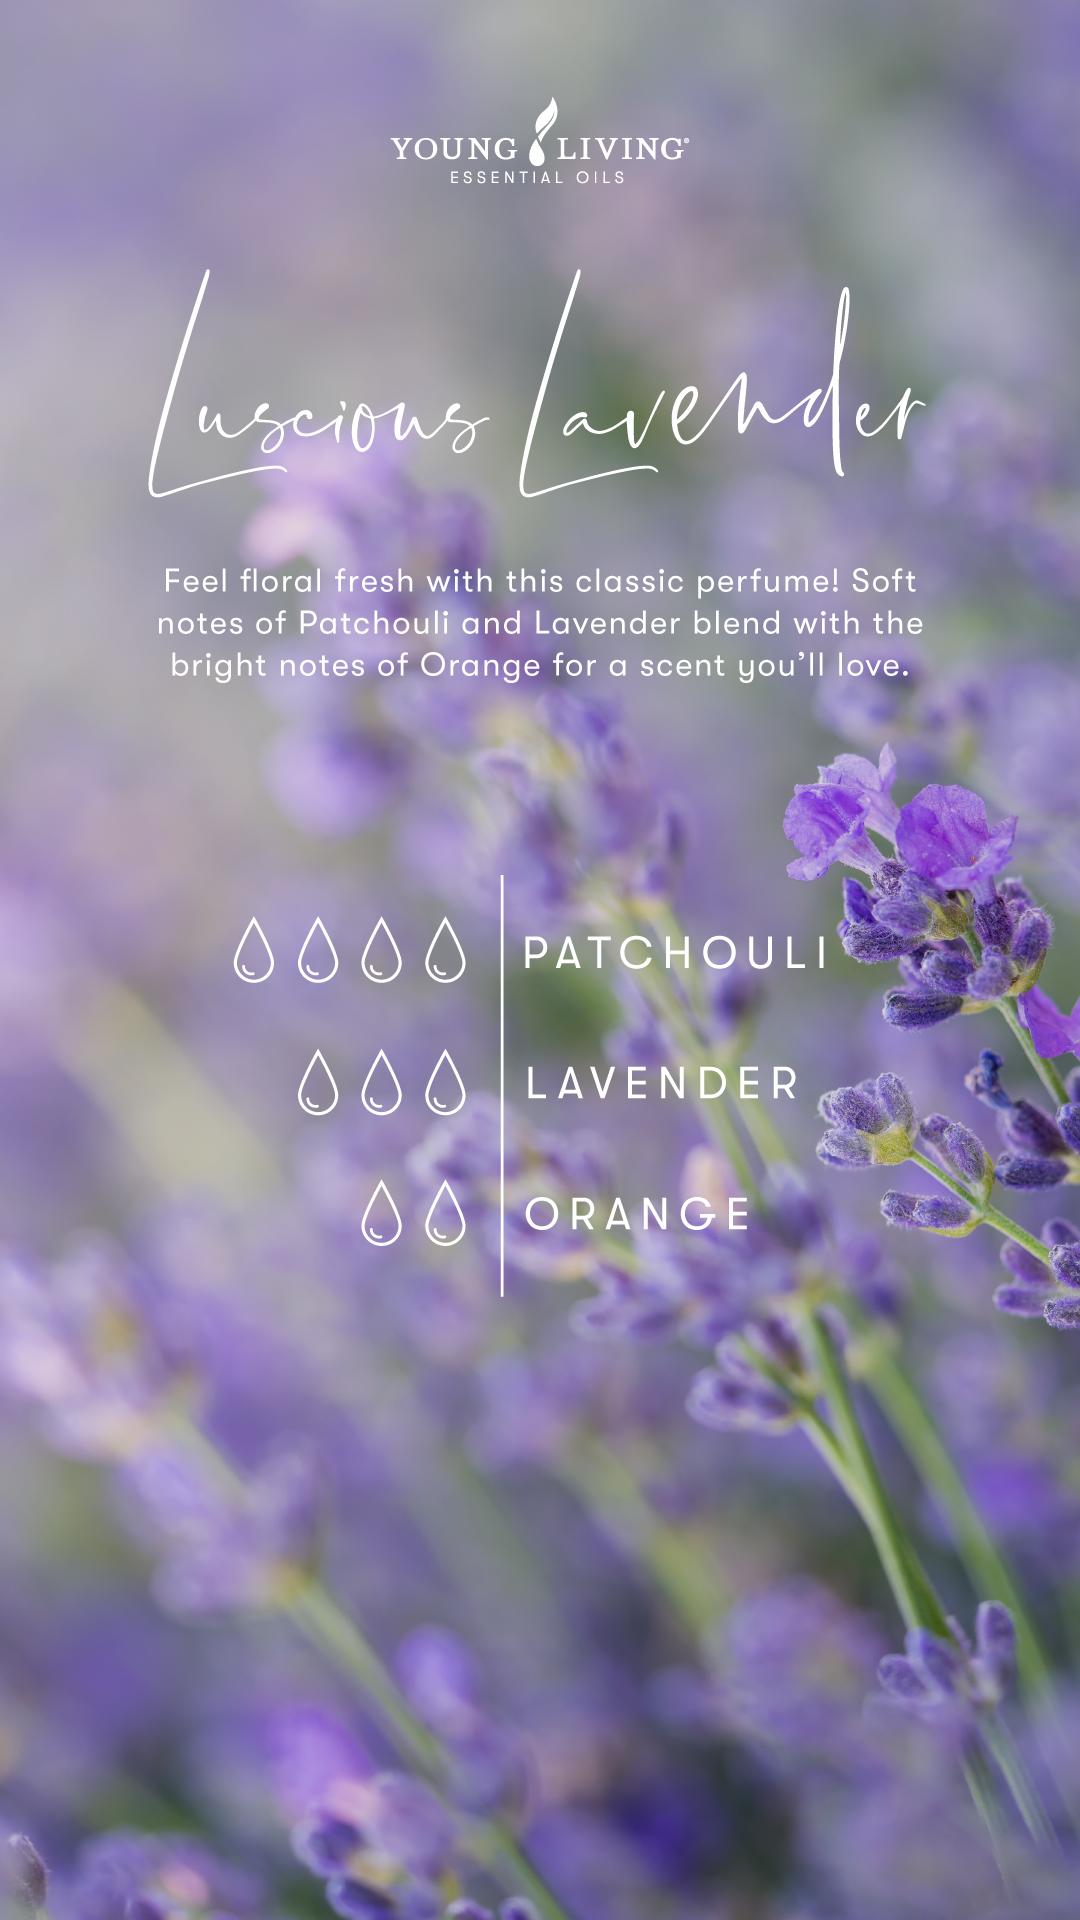 Luscious lavender Perfume Recipe